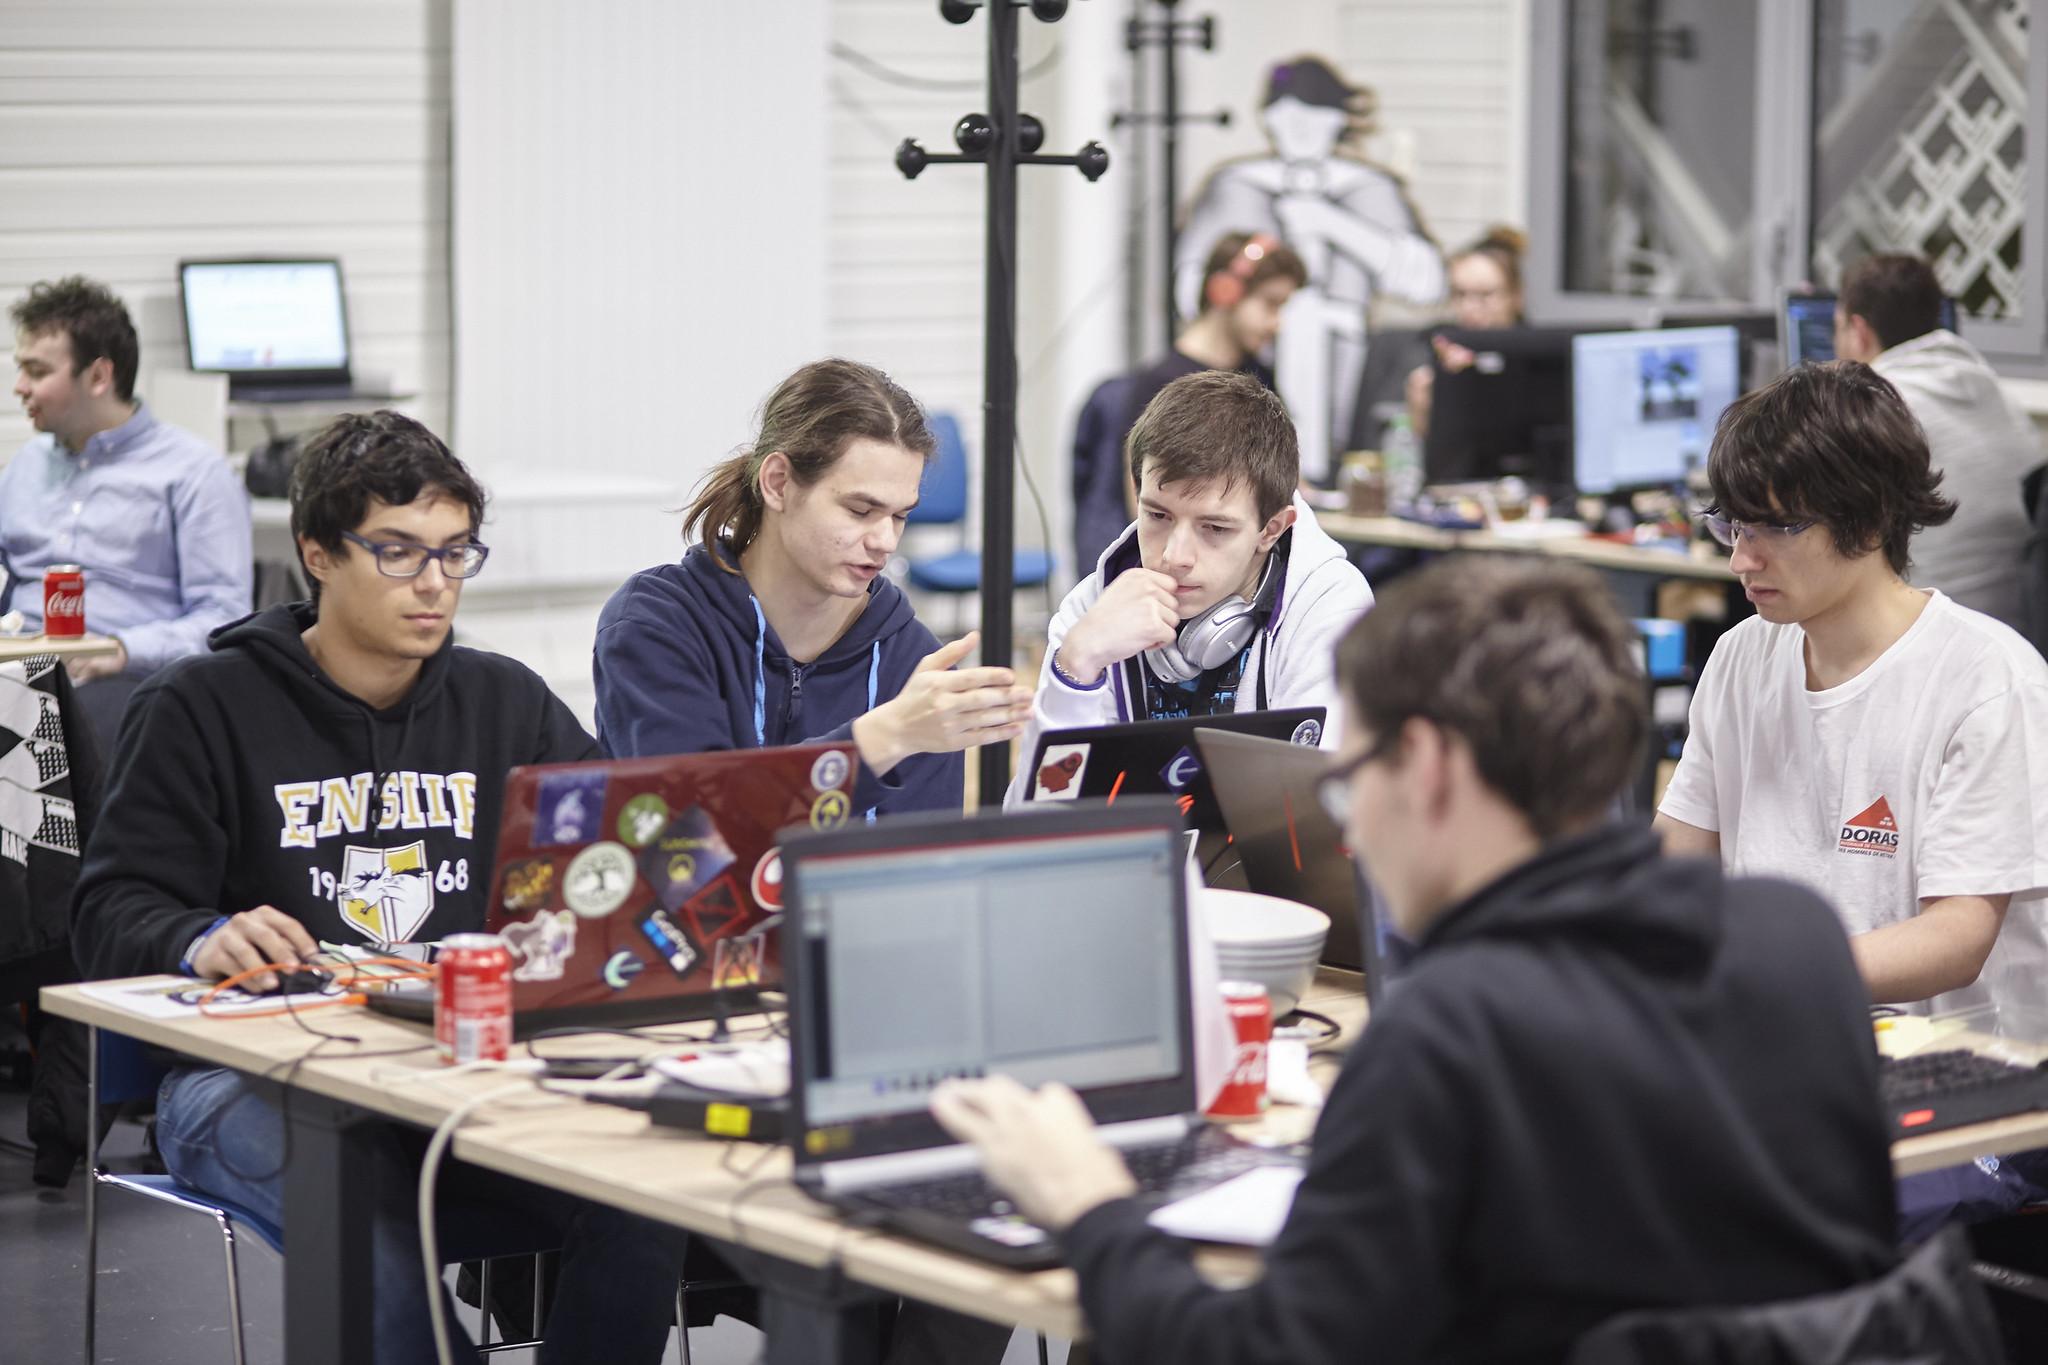 Une équipe de la compétition Hackathon à Laval Virtual